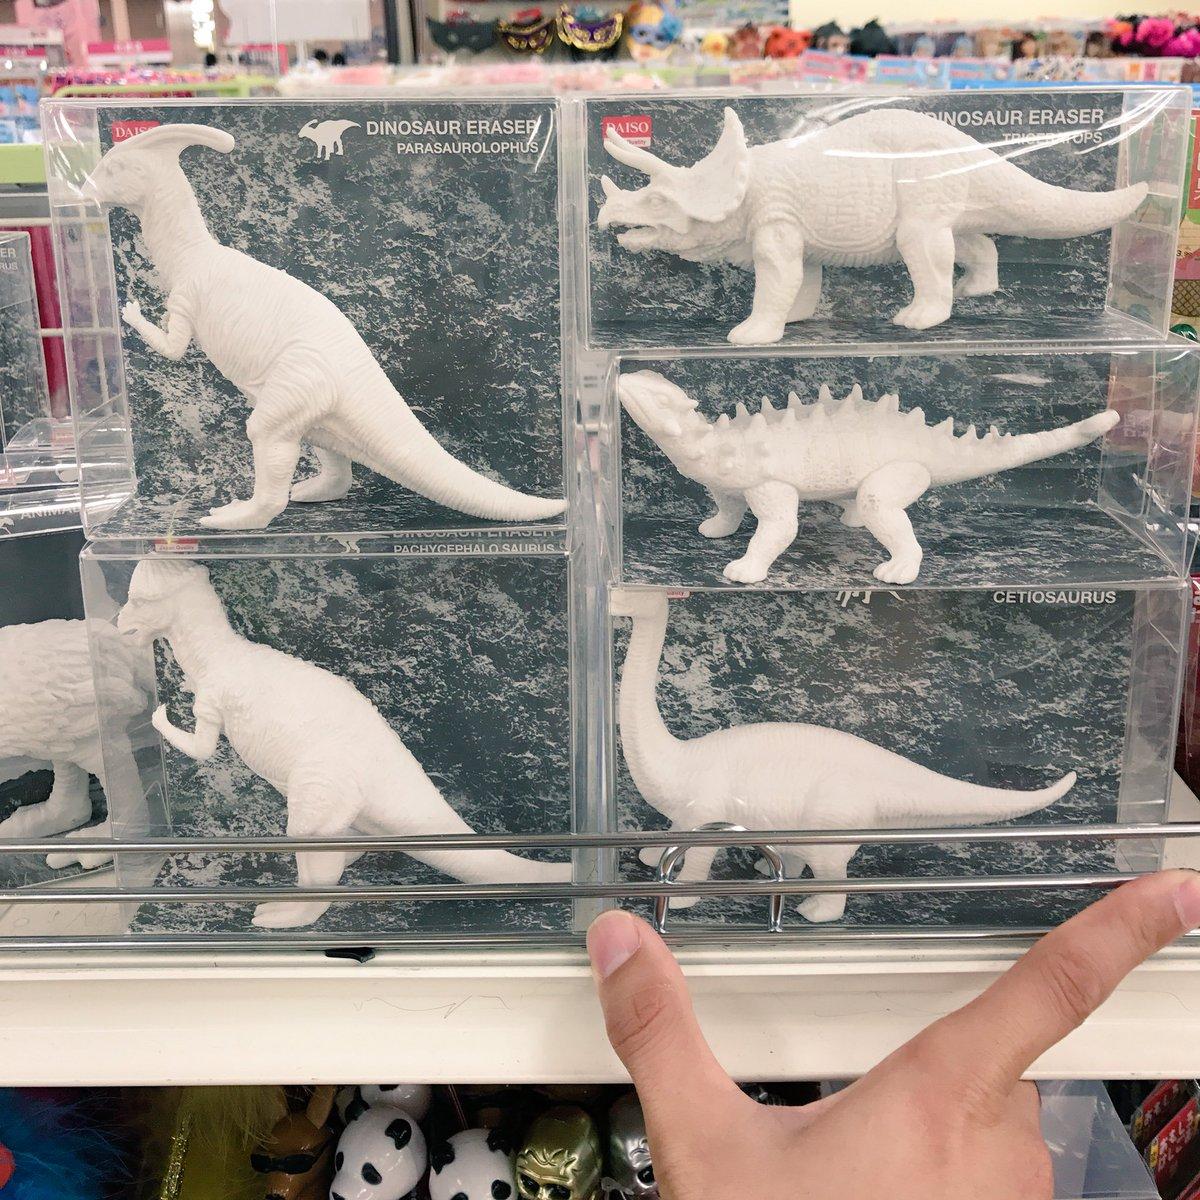 test ツイッターメディア - #ダイソー で見つけた恐竜の「消しゴム」のクオリティが凄かった。めっちゃ細かく消せそうですね^_^ #daiso https://t.co/c2Xe77Jfnd